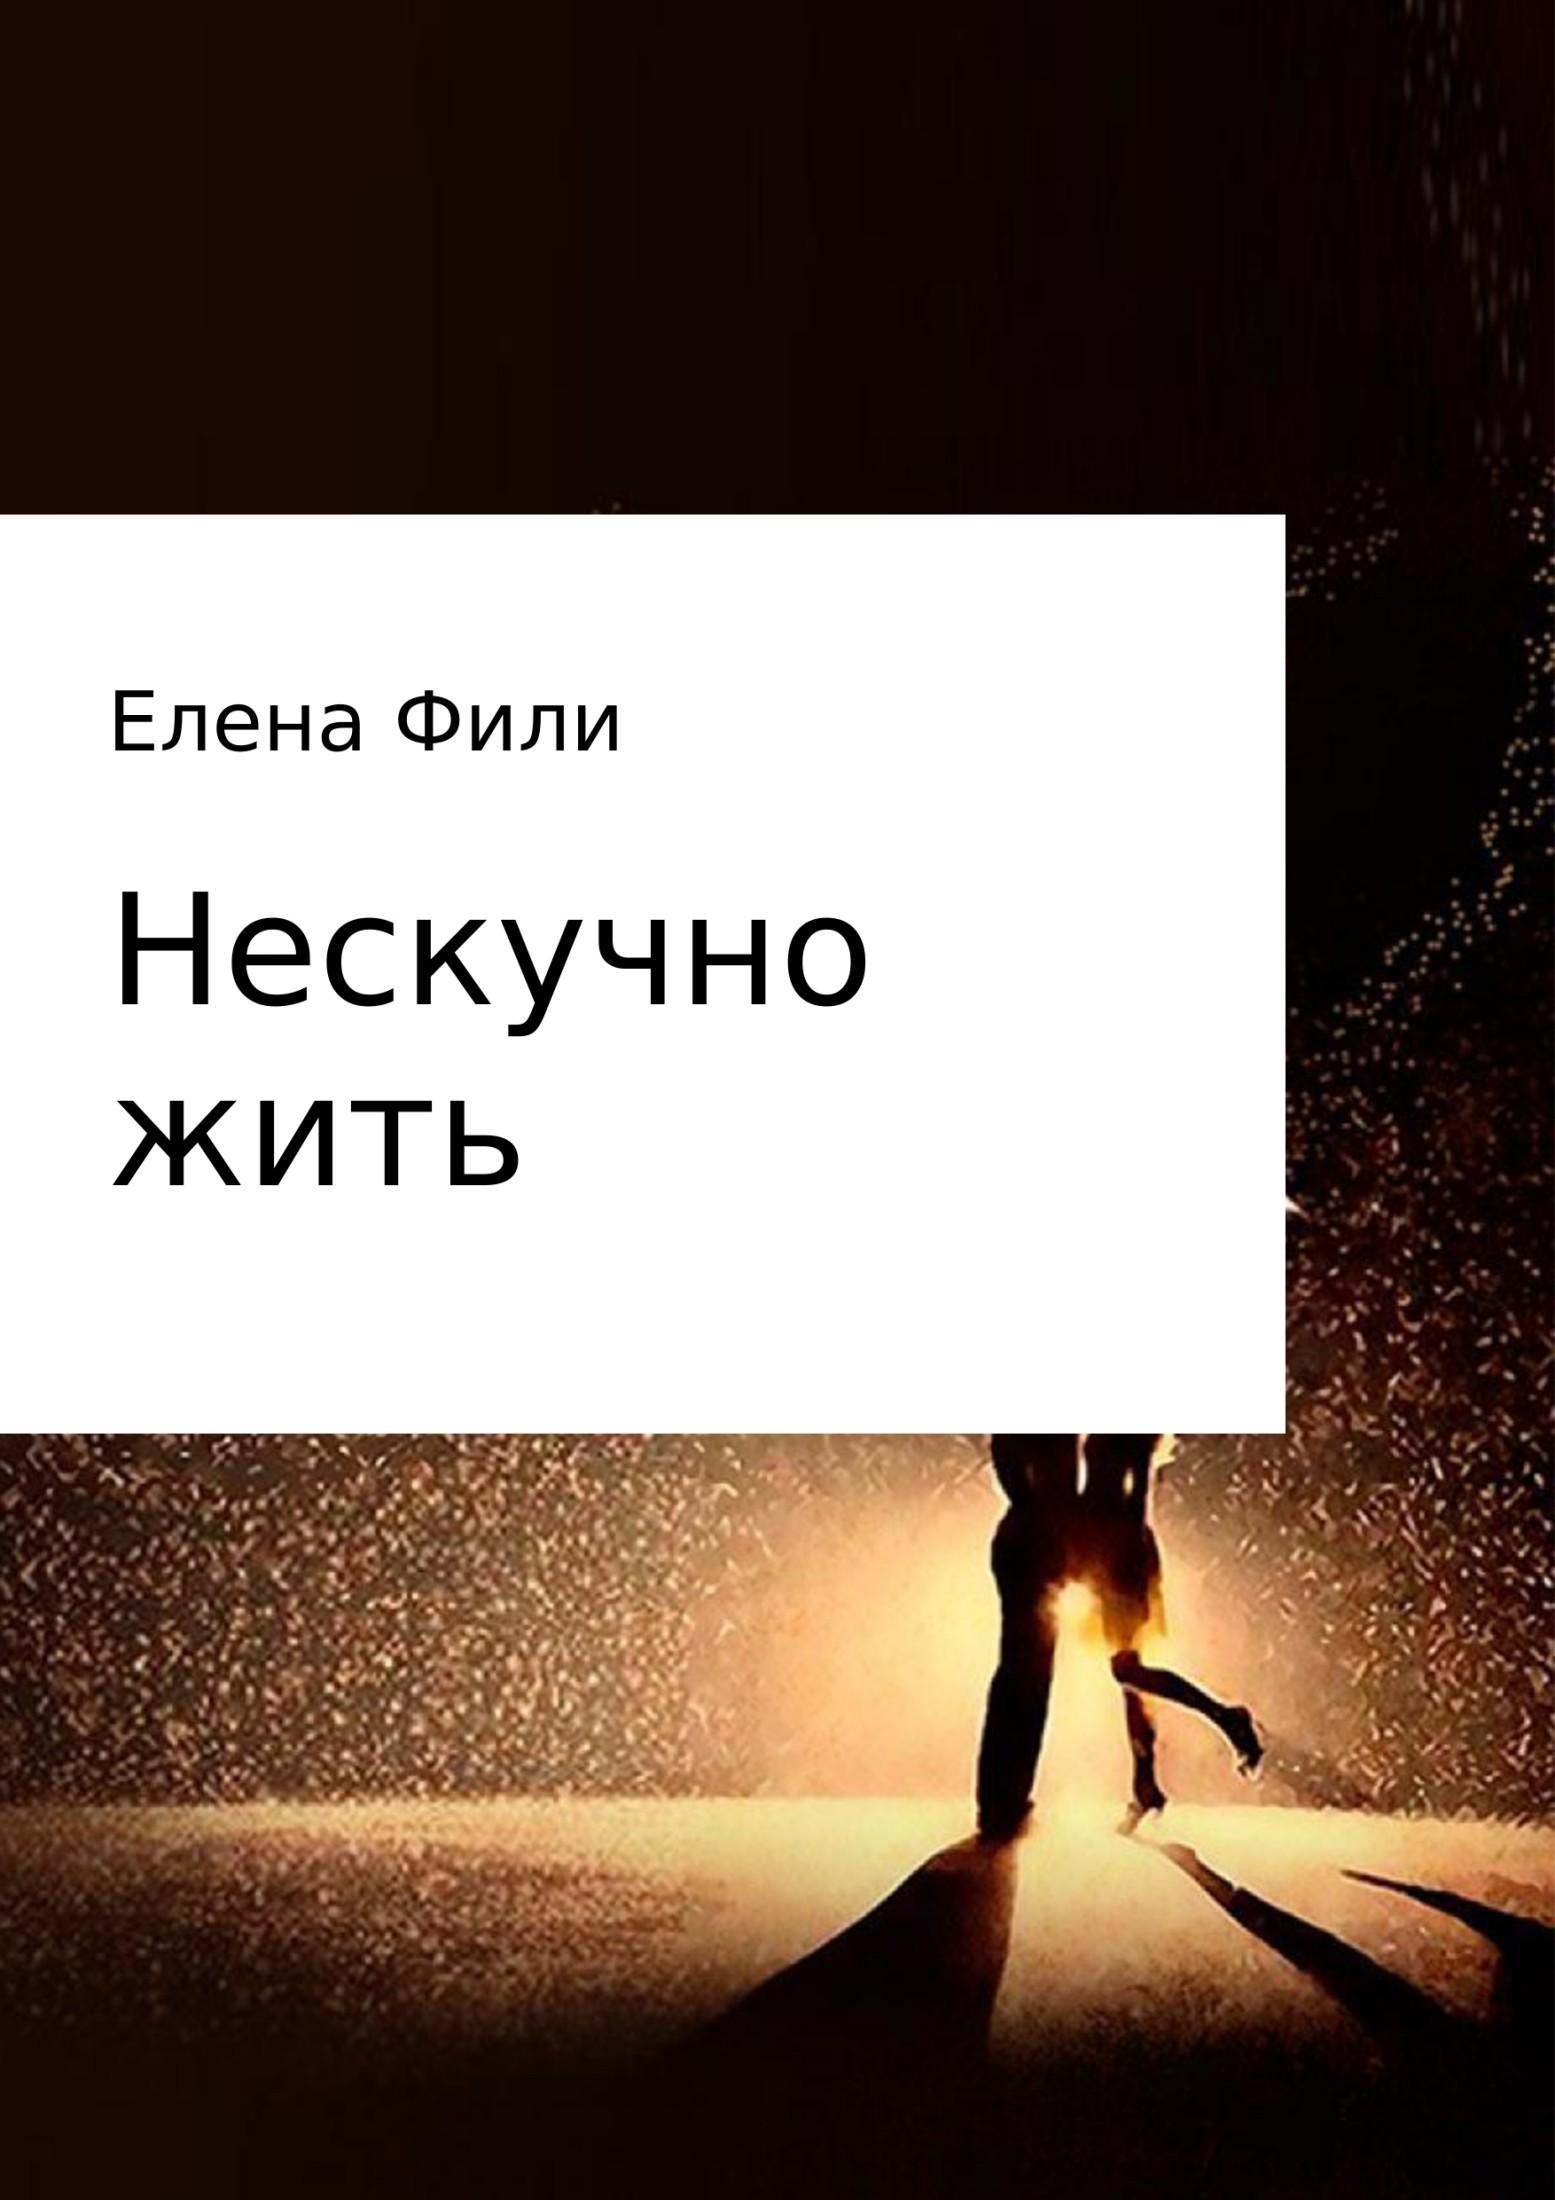 Елена Фили. Нескучно жить